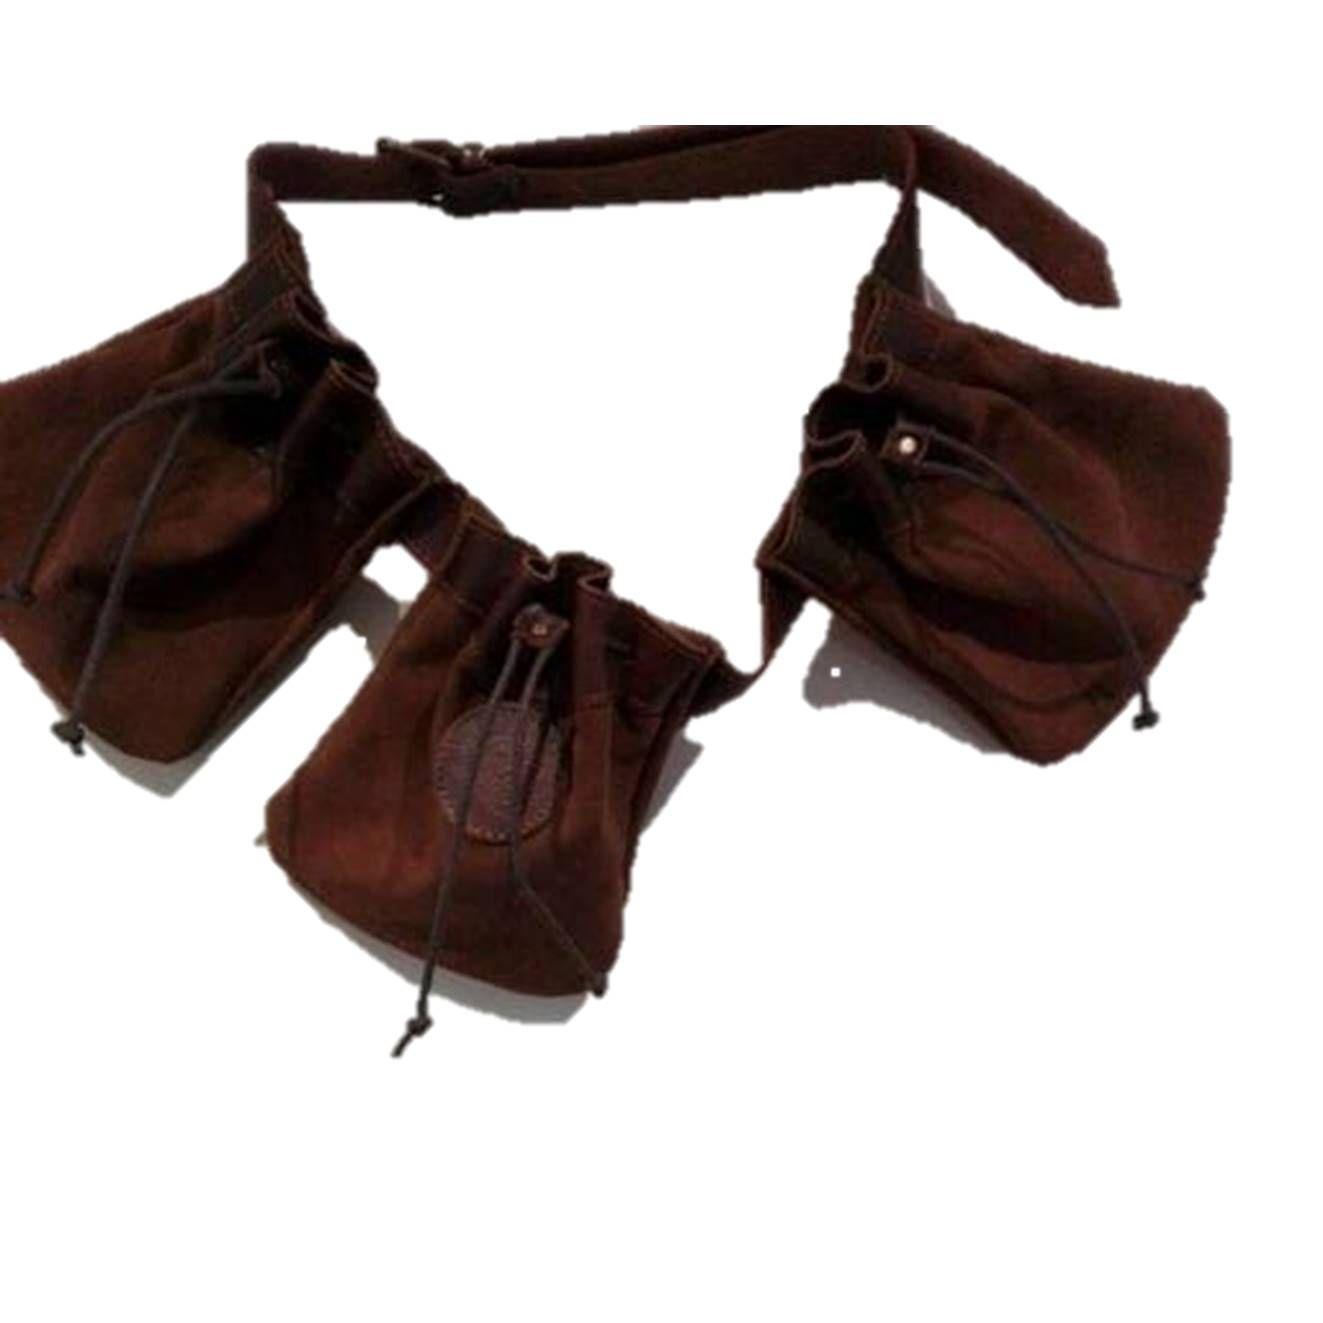 Bolsa especial cetrería en piel con cinturón incorporado: Tienda online de Artículos de Caza